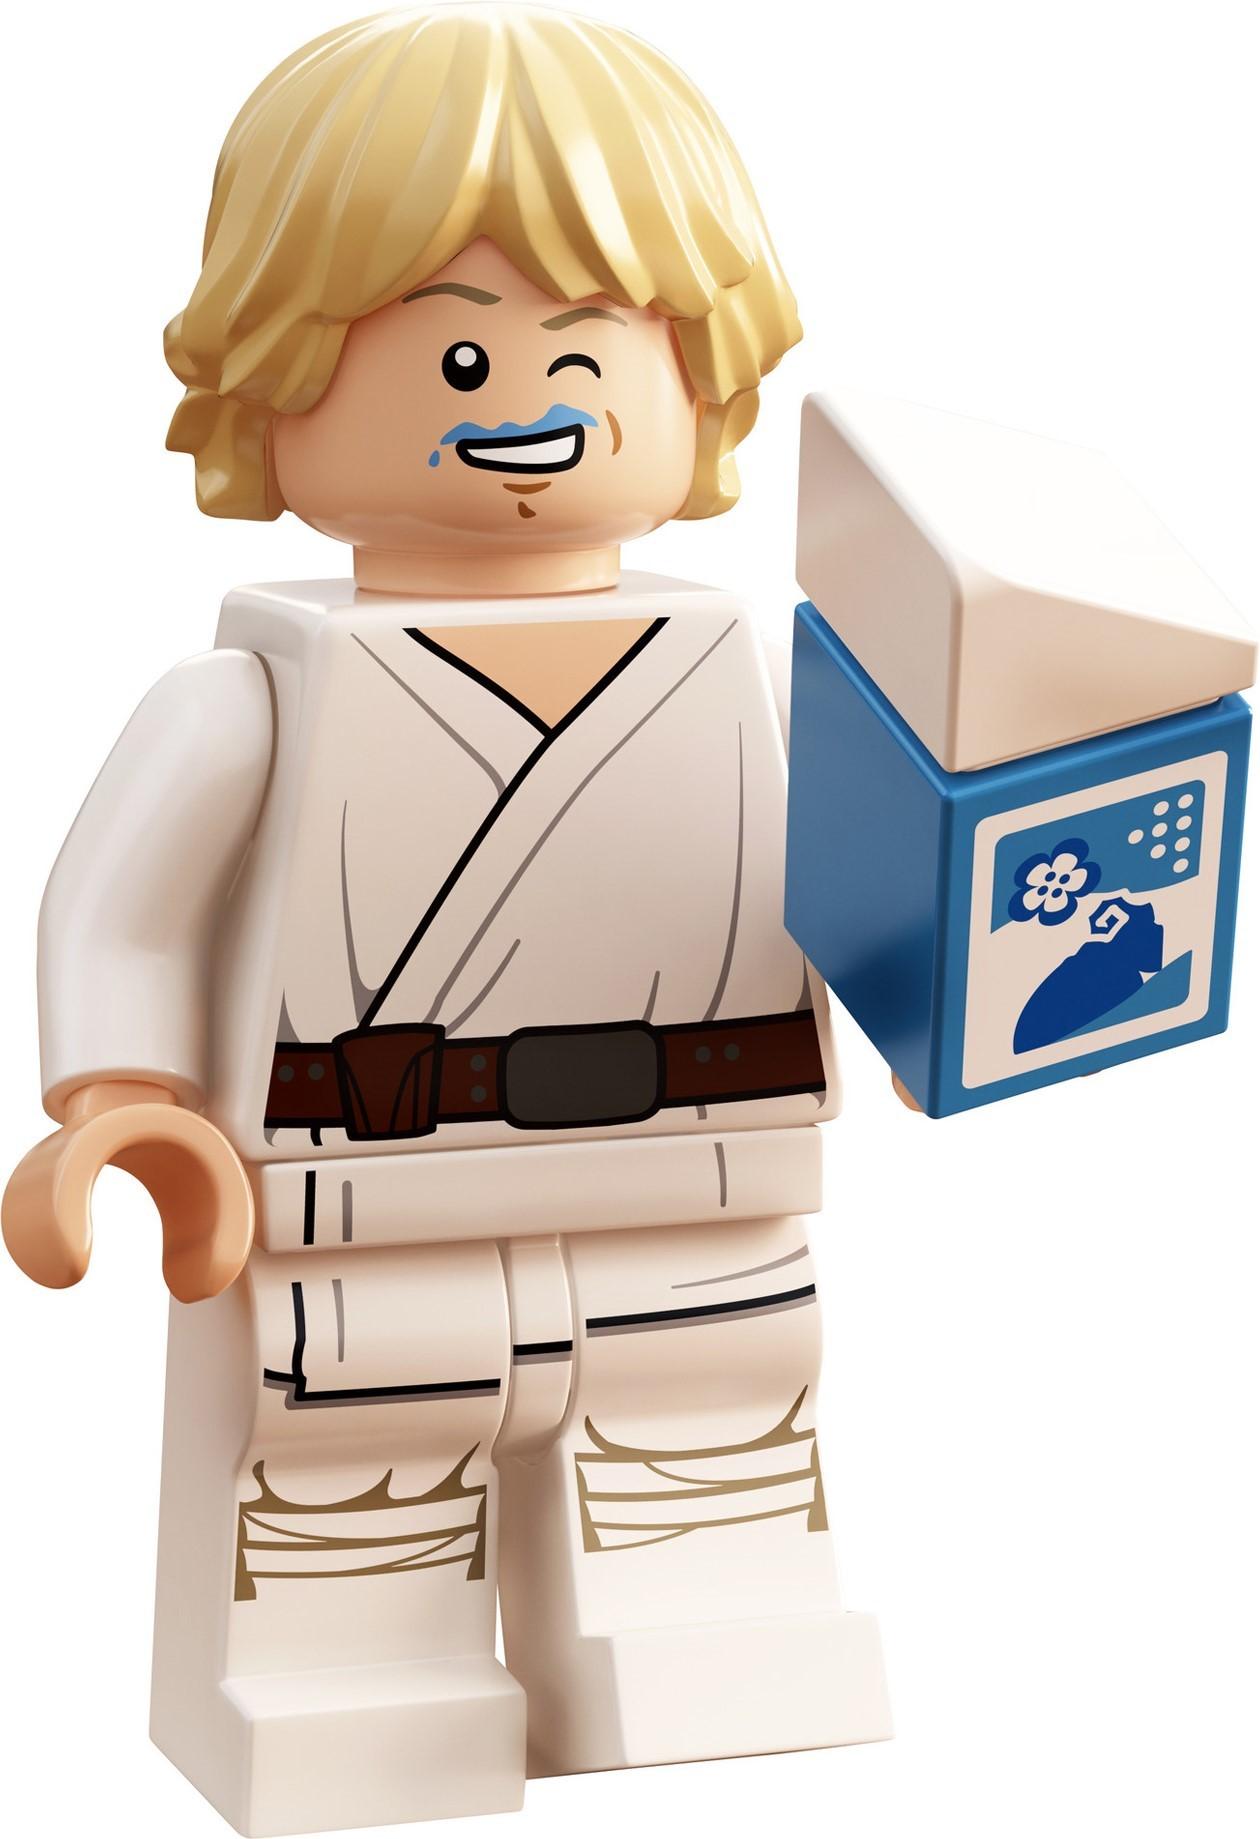 30625 Luke Skywalker with Blue Milk